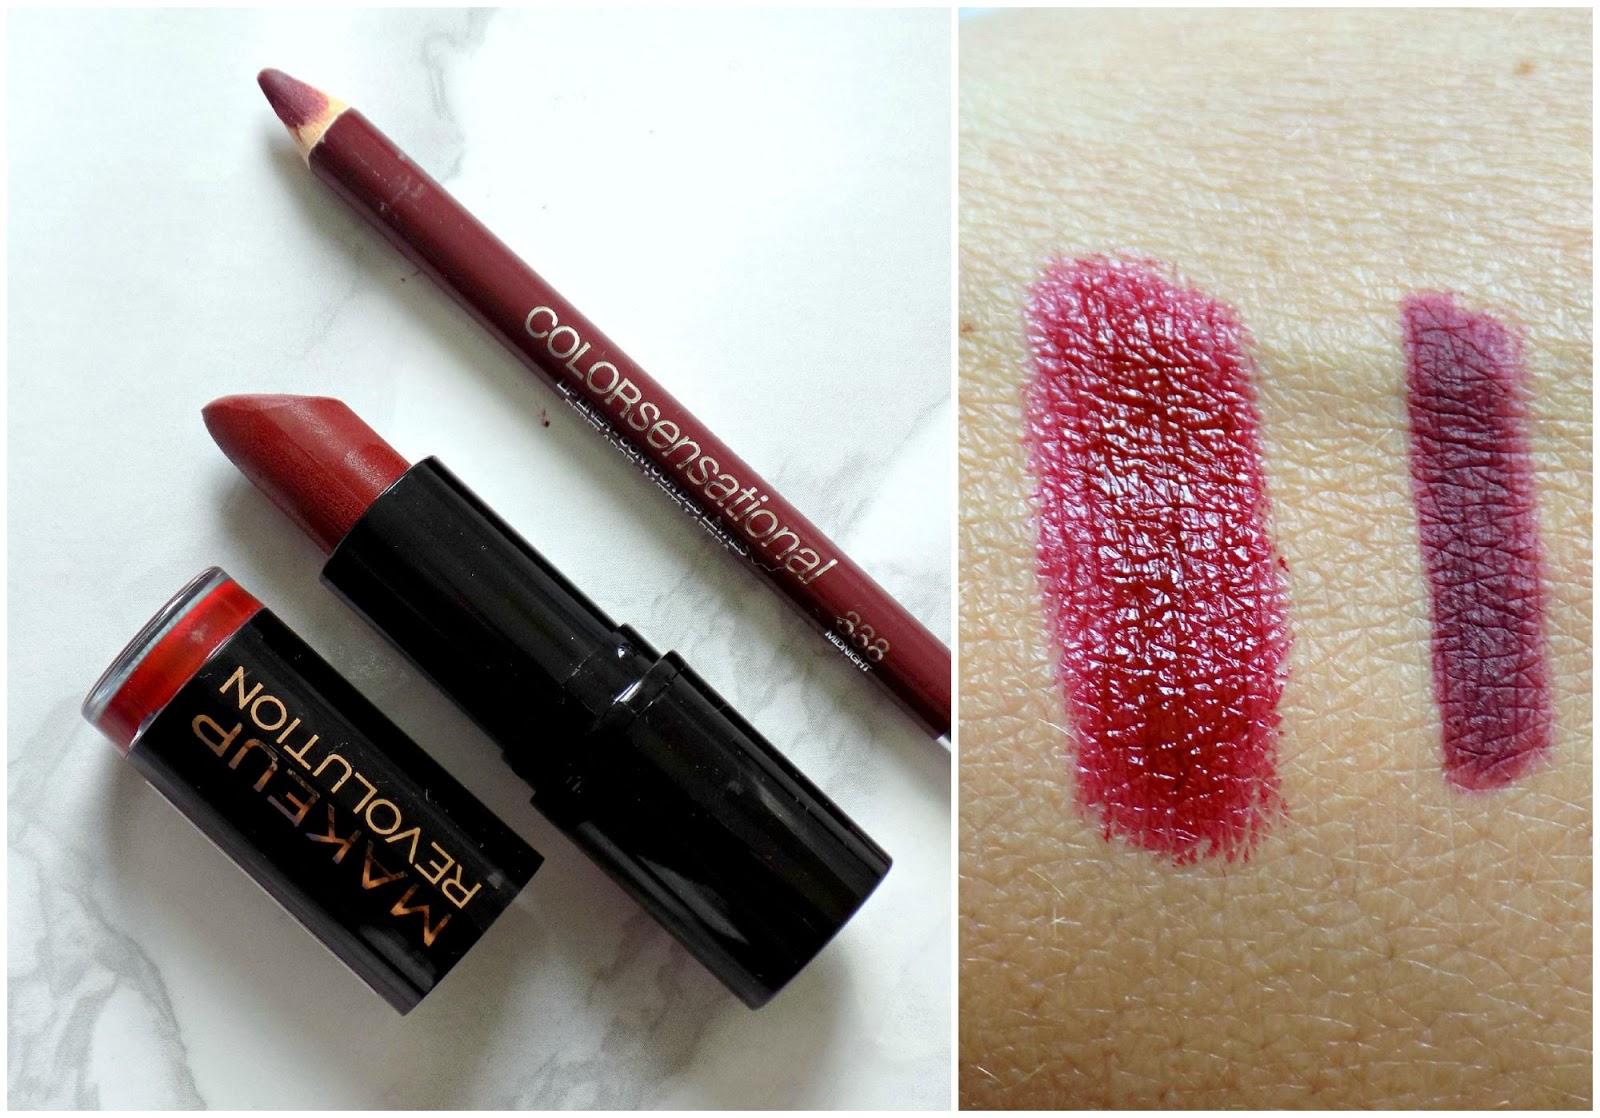 Makeup Revolution Reckless lipstick